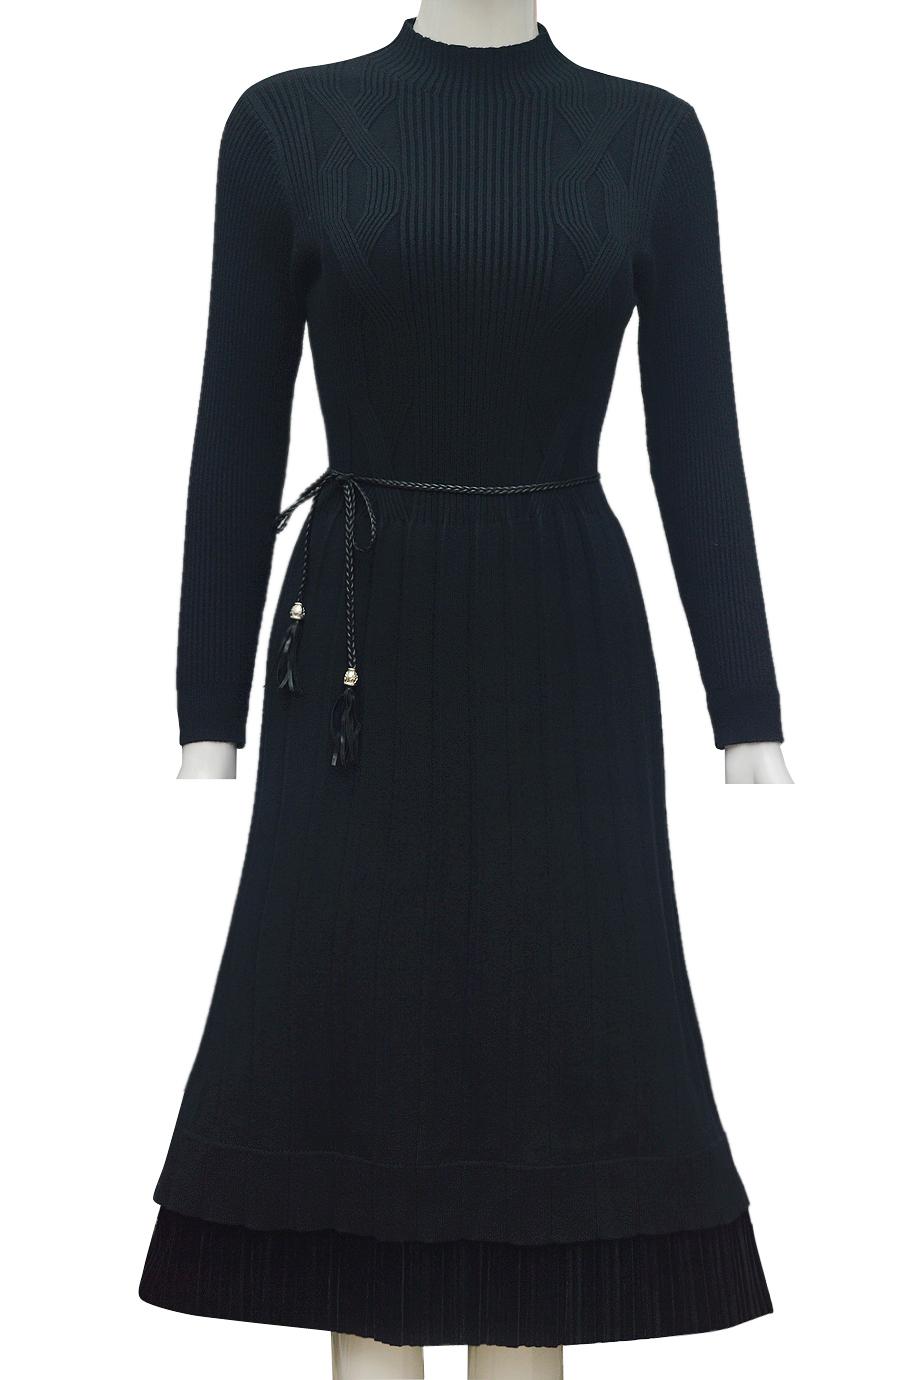 Váy len thời trang phối gấu nhung ELMI cao cấp màu đen EV43-1